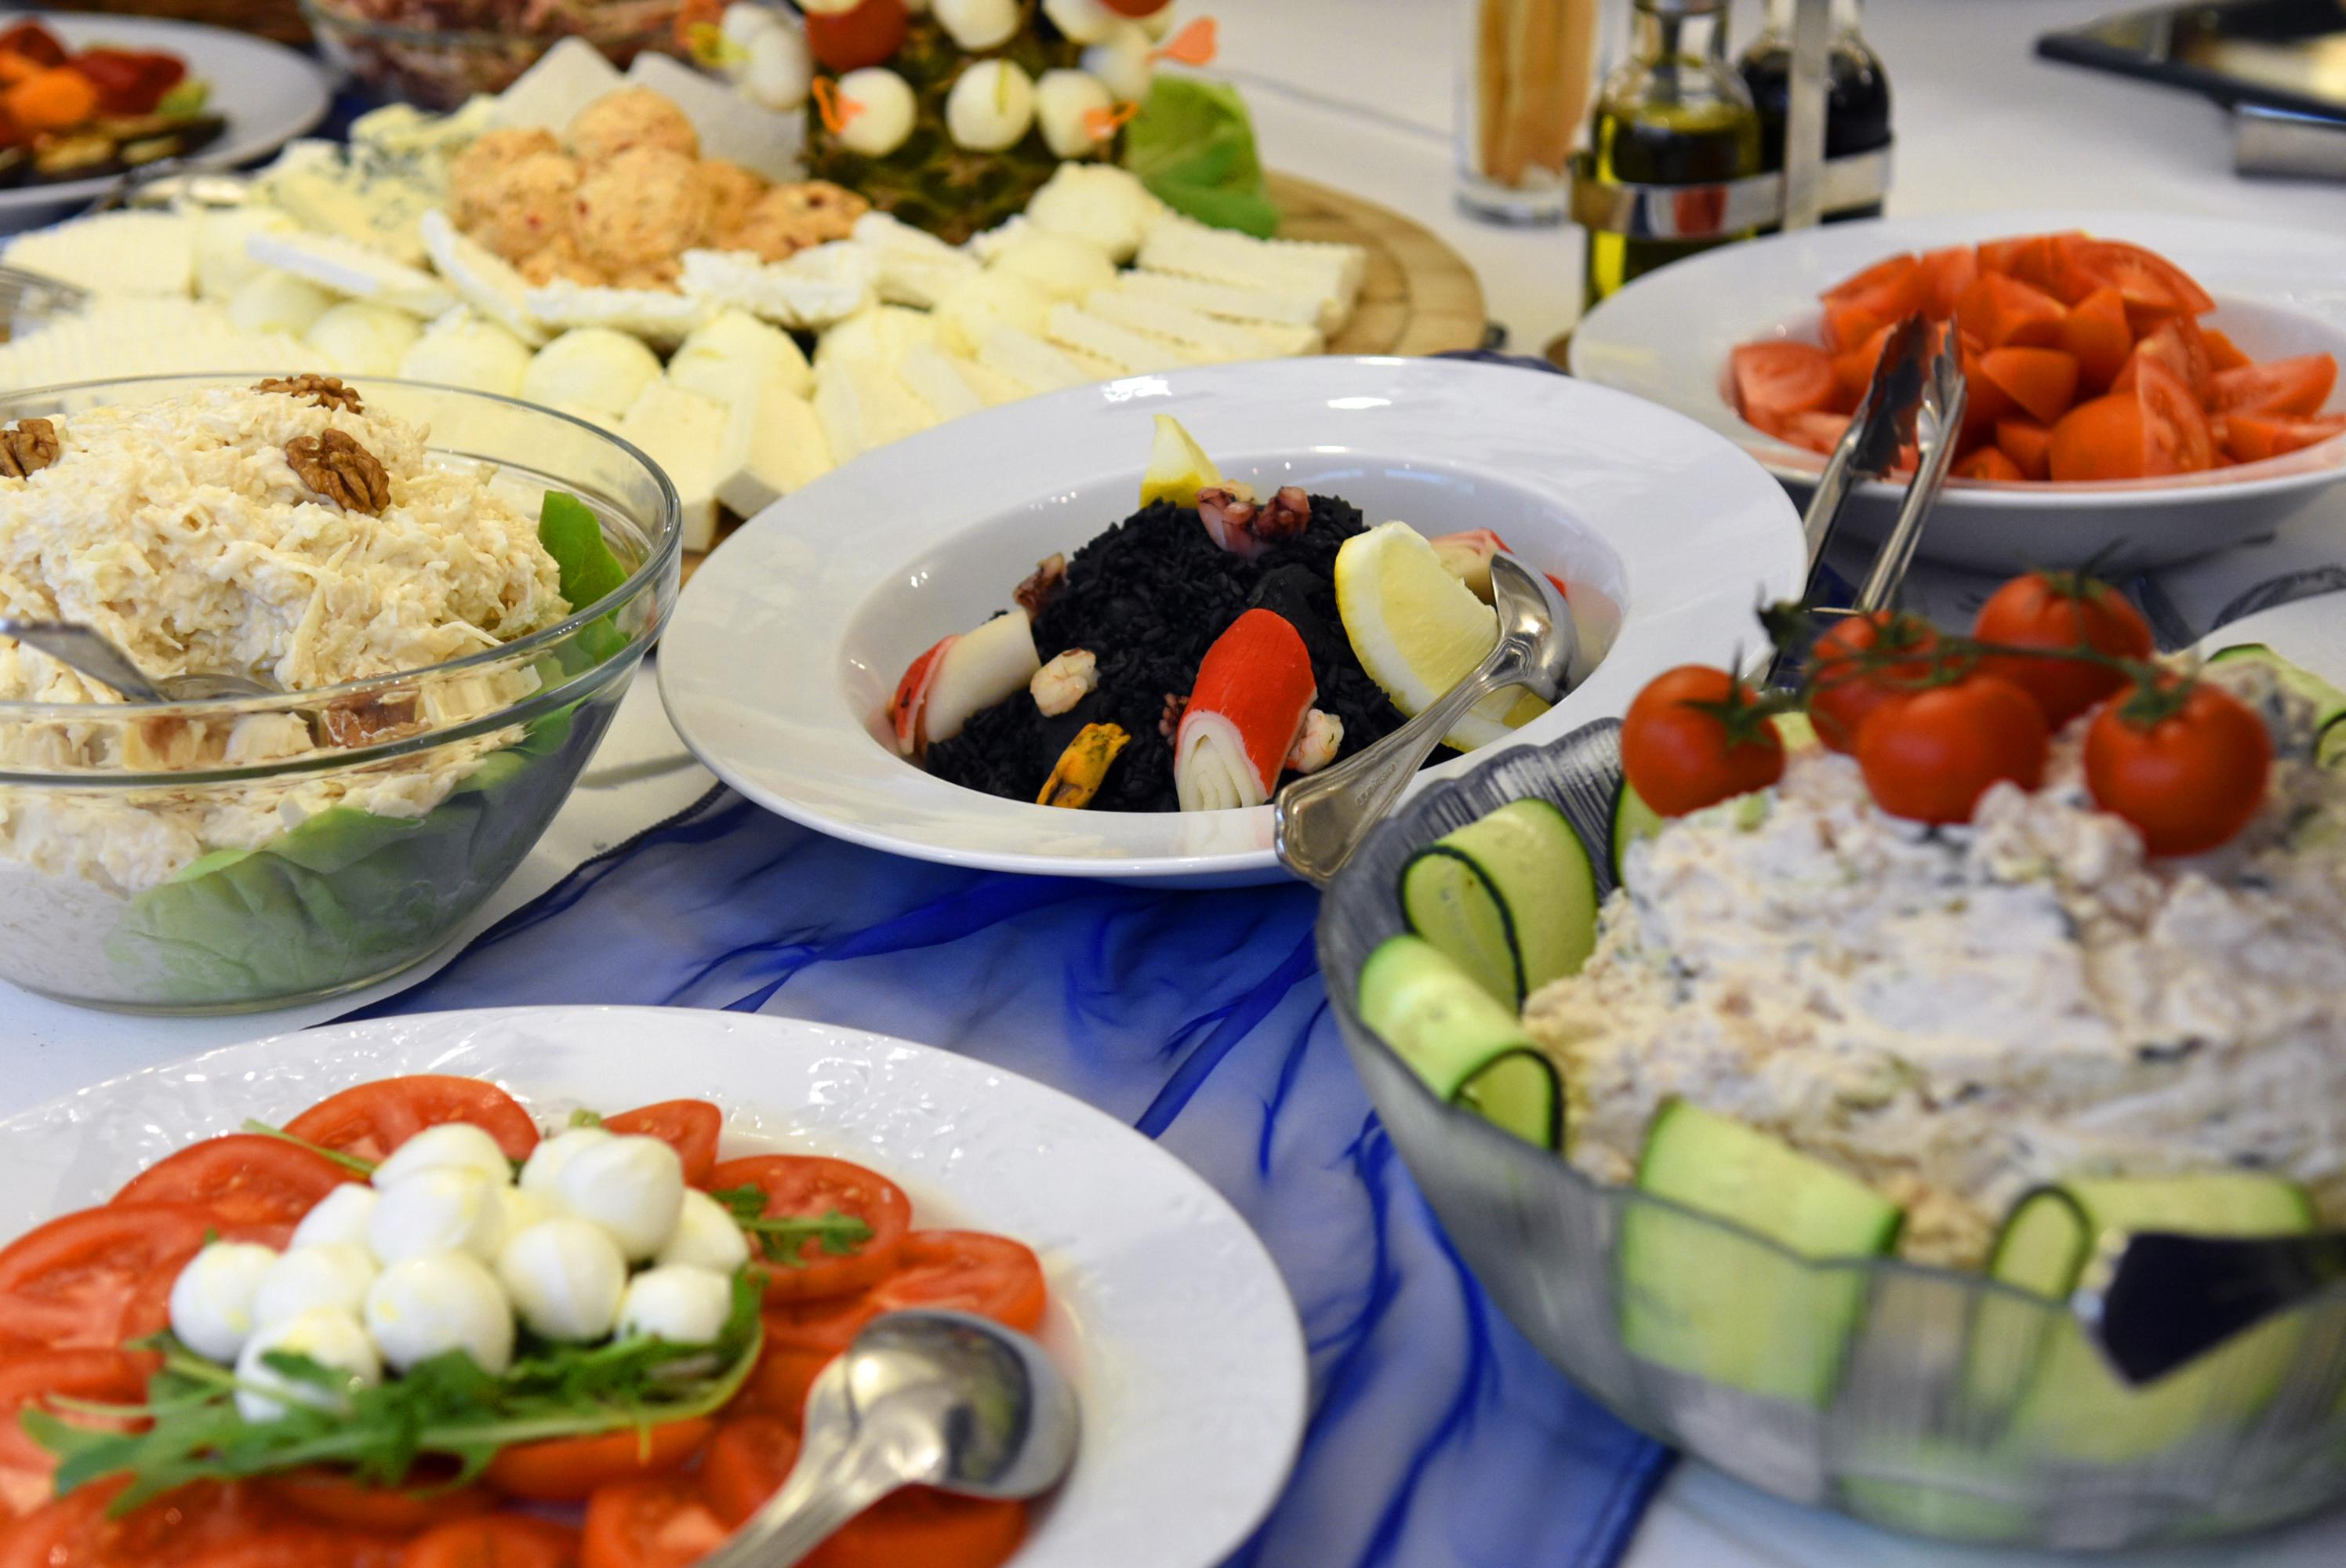 Hrana-dekoracije-2016-016